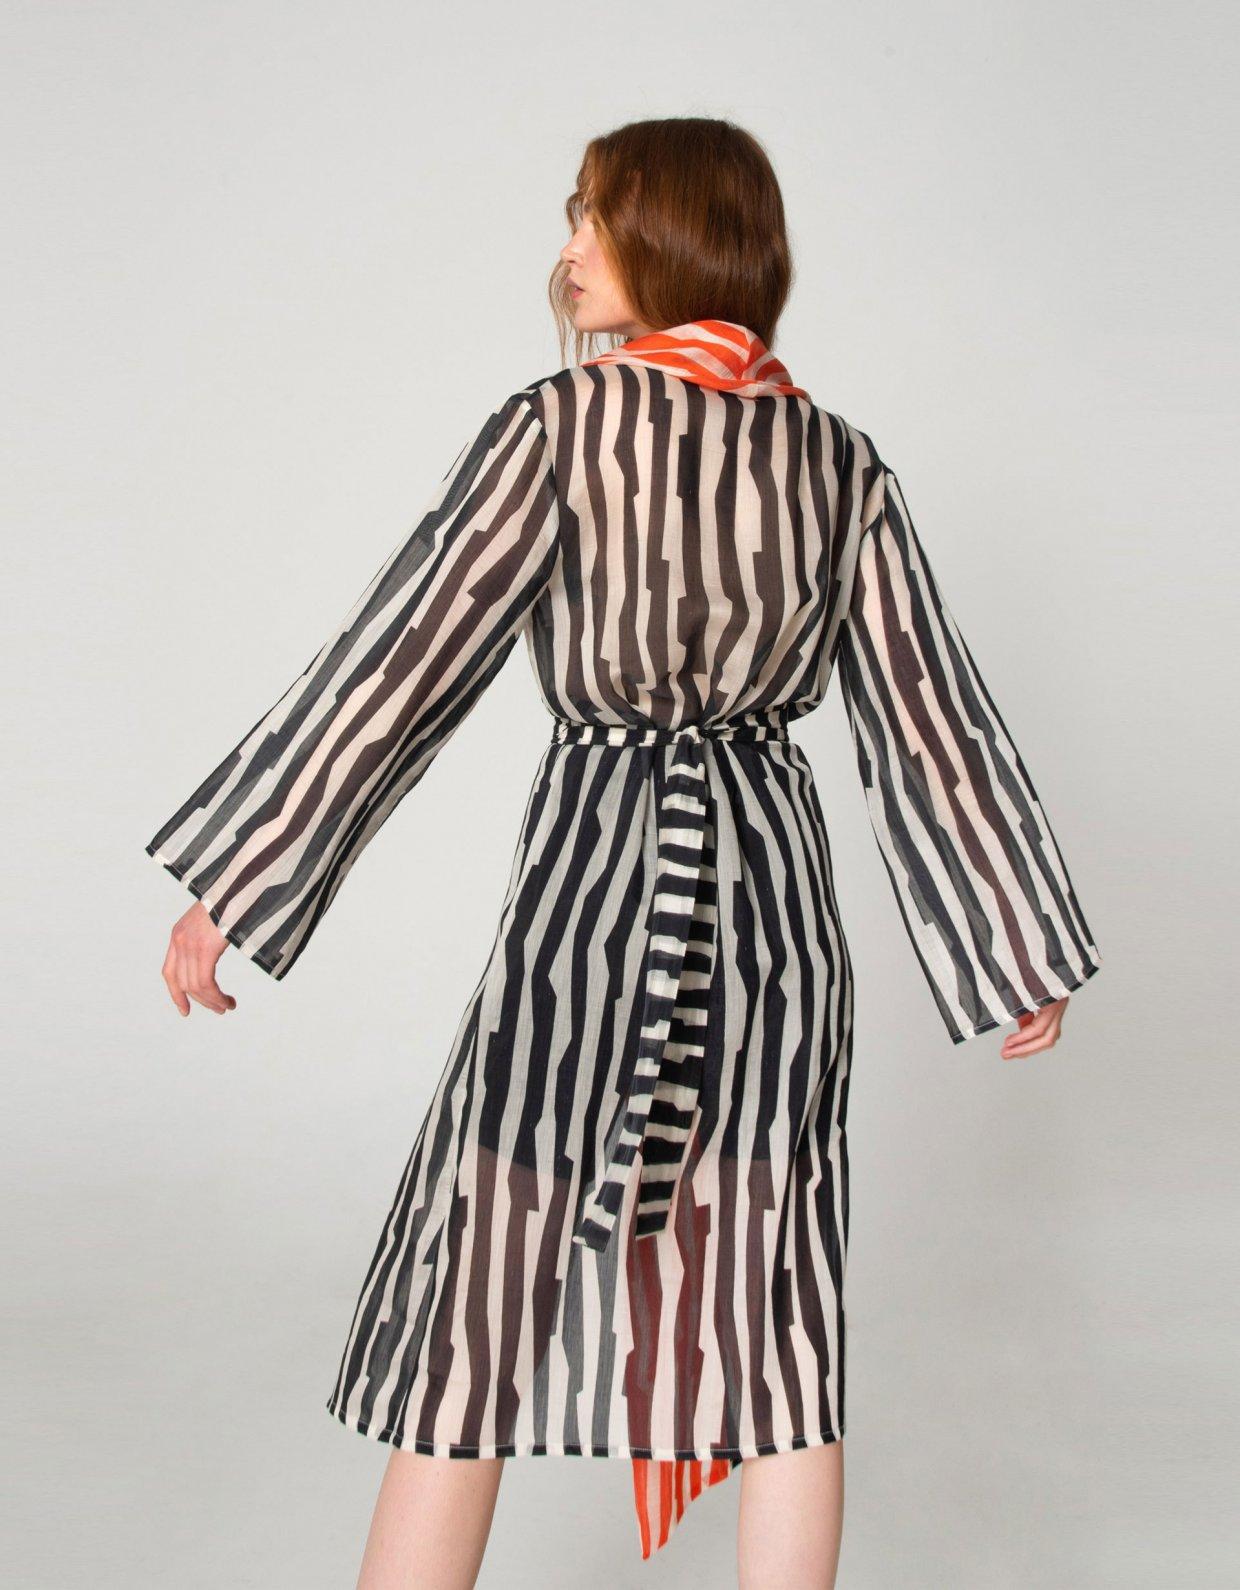 Nadia Rapti Zebras in city kimono